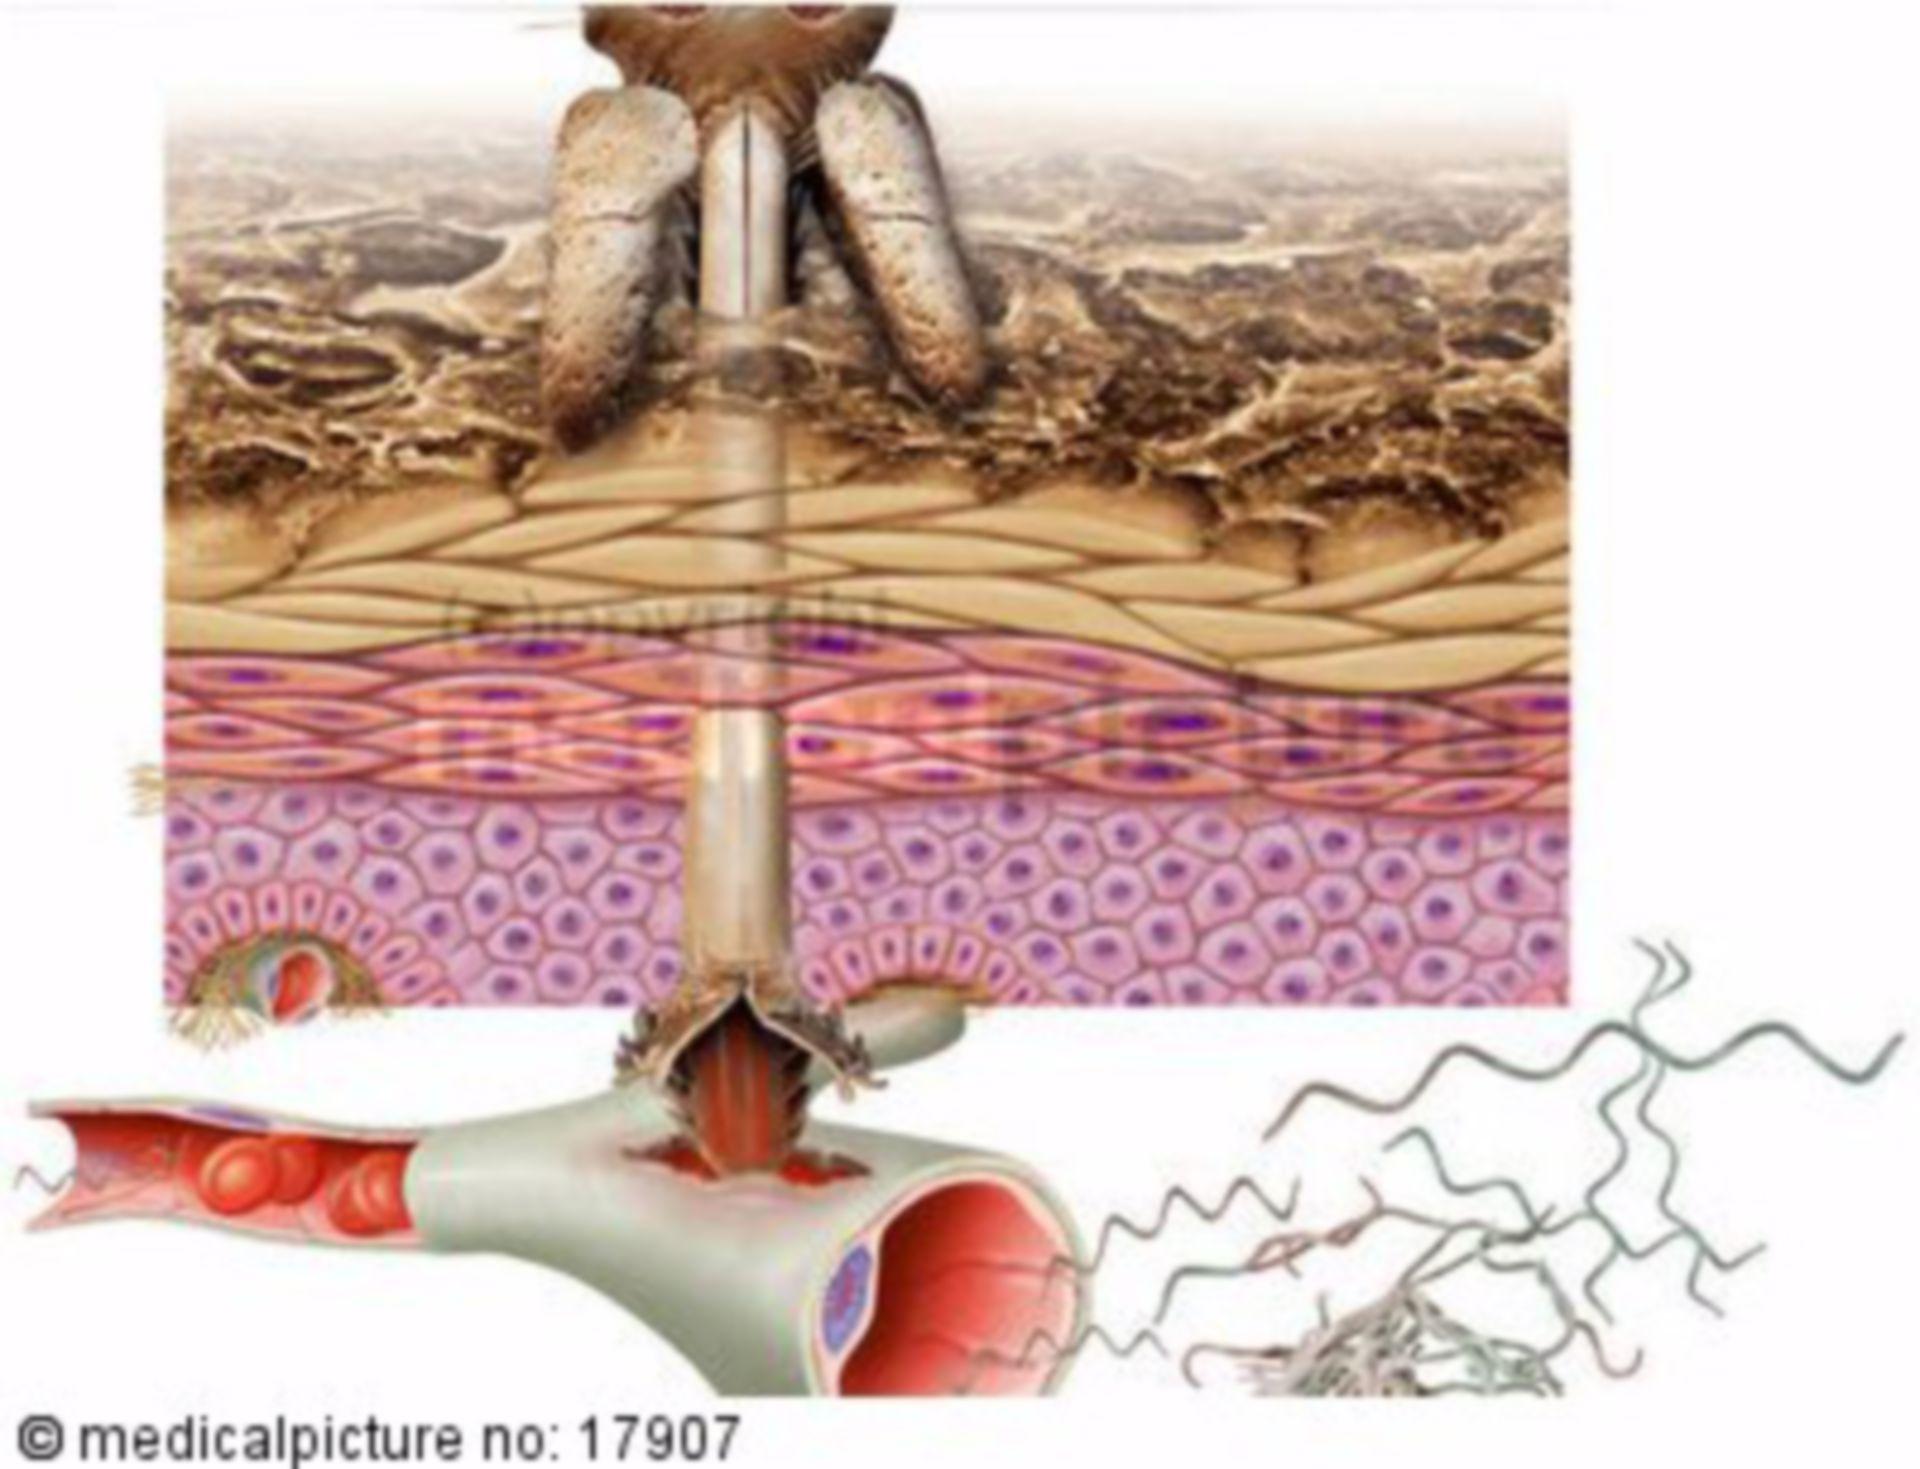 Malattia di Lyme - Borreliosi